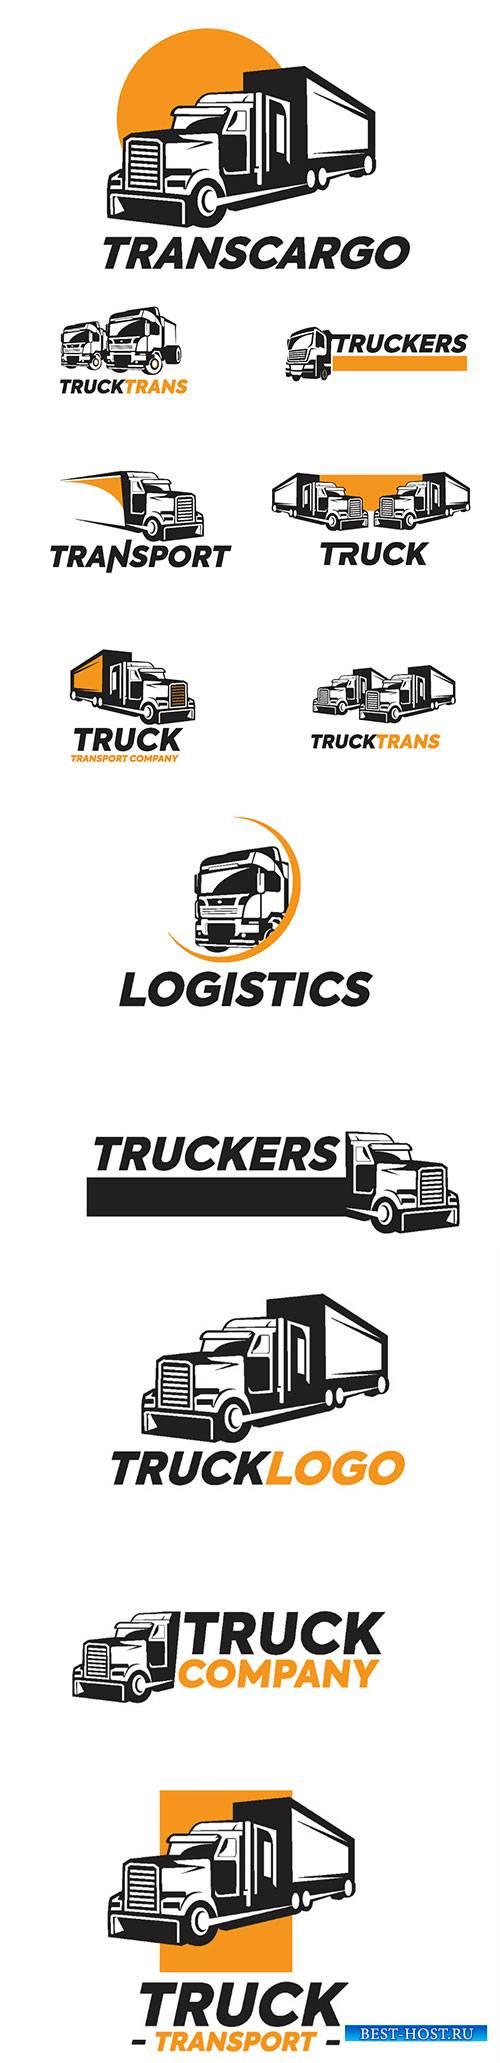 Truck logo vector illustration